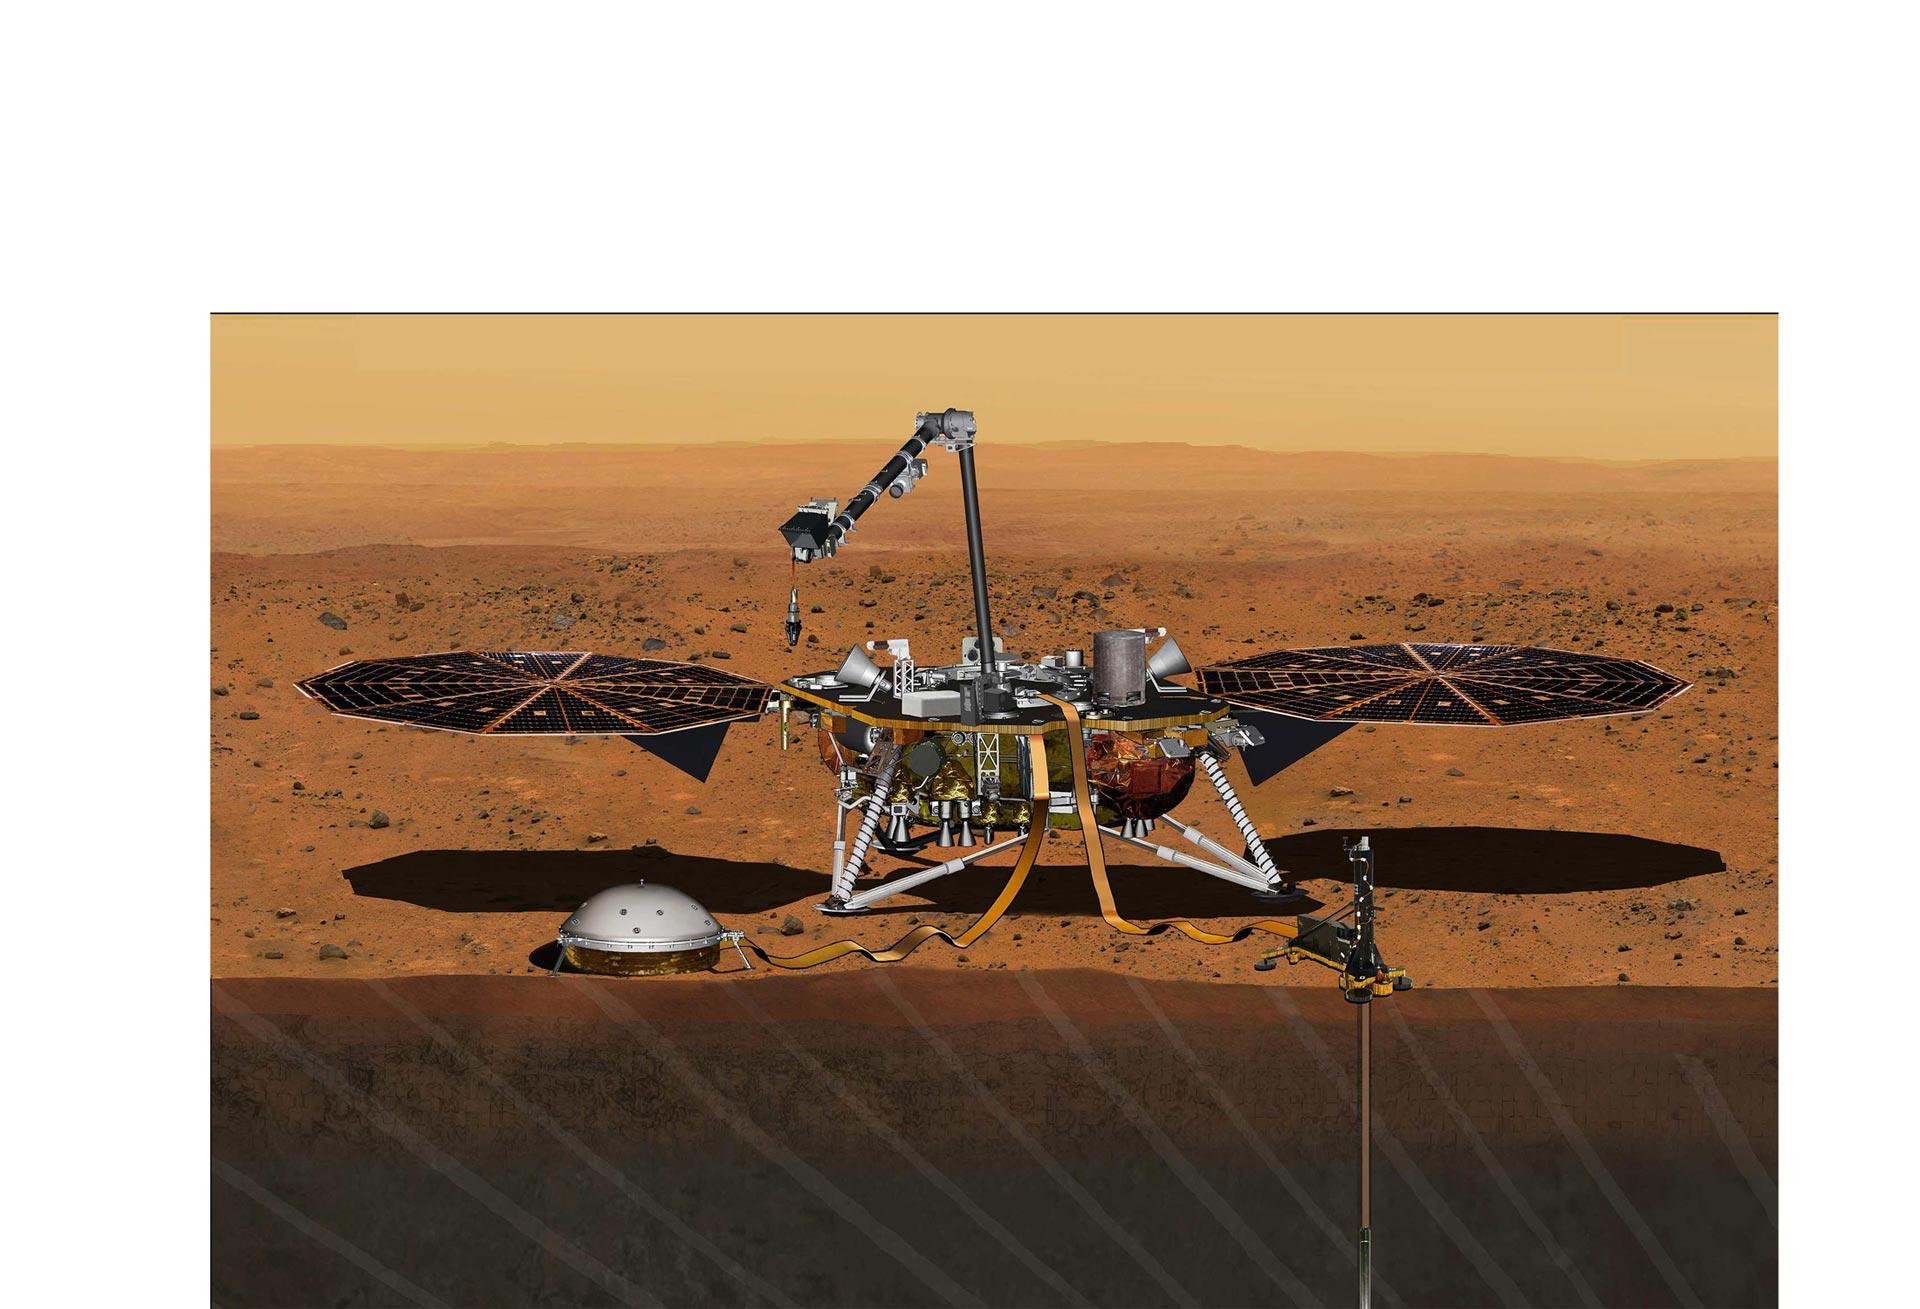 La misión InSight fue postergada dos años. El objetivo de la misma será investigar la estructura interna del planeta